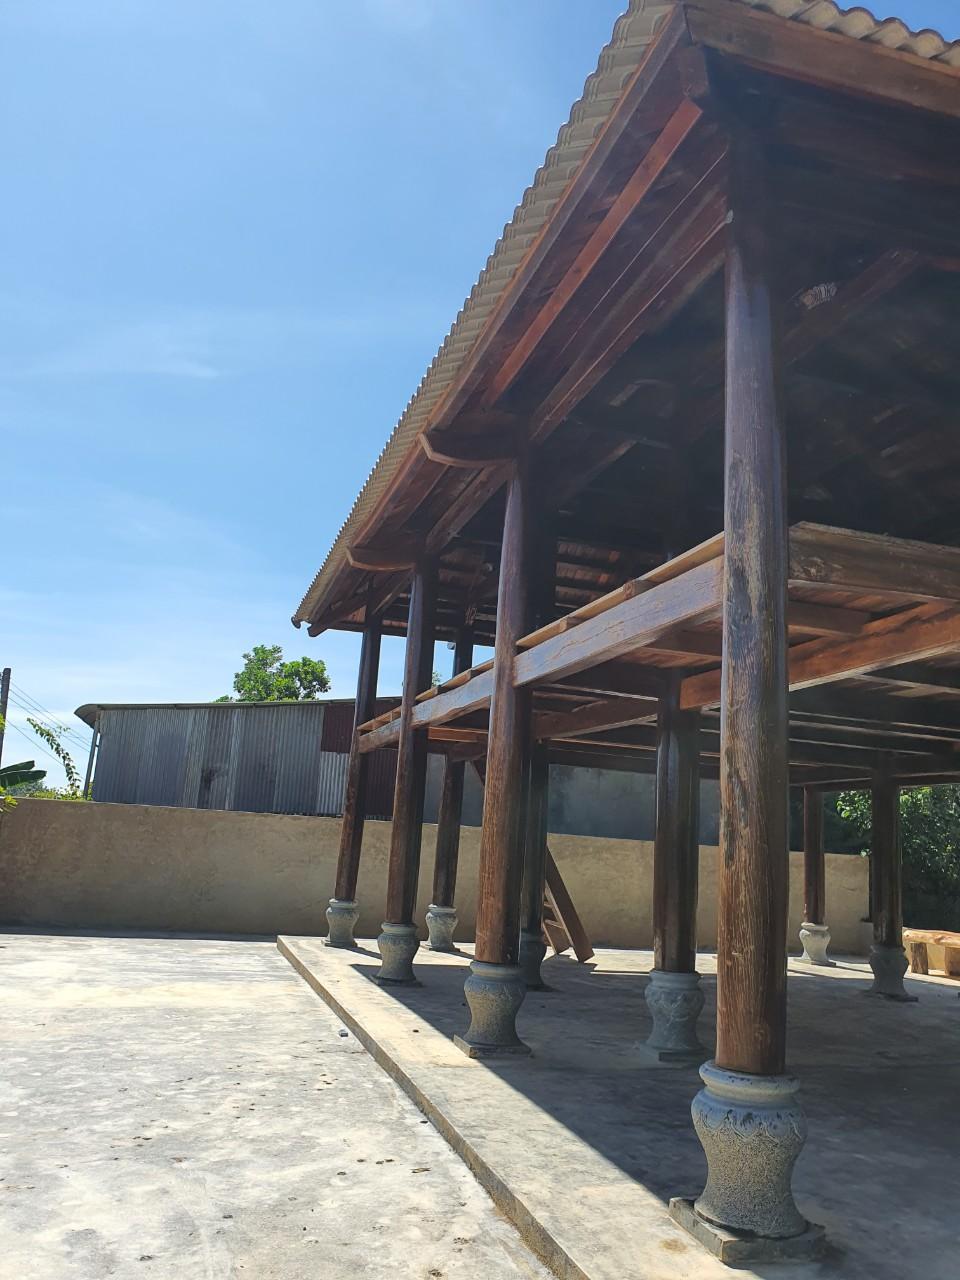 Cần Bán Căn Nhà Gỗ Táu sến.. đường kính cột 35 đến 37 - Cát Tiên Tỉnh Lâm Đồng - Ảnh 2